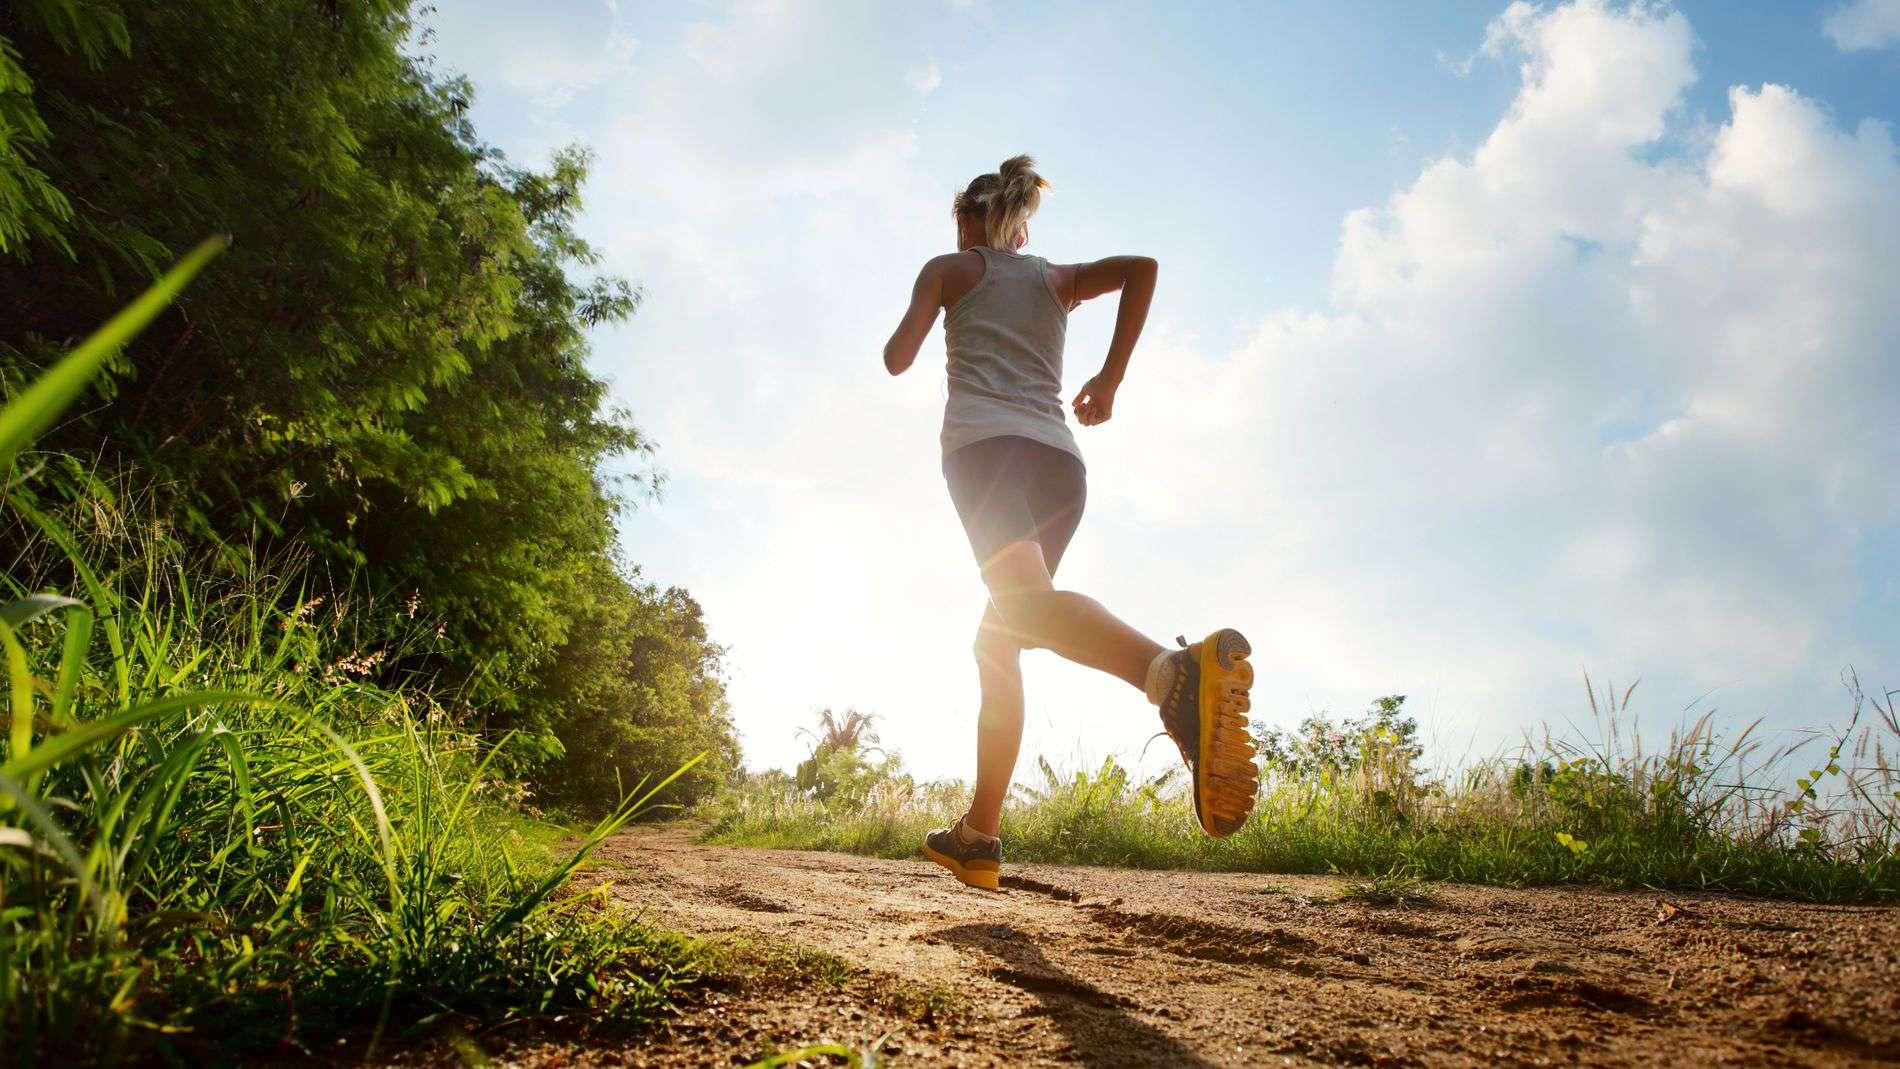 Пиковая физическая нагрузка: воспользуйтесь преимуществами высокоинтенсивных интервальных тренировок